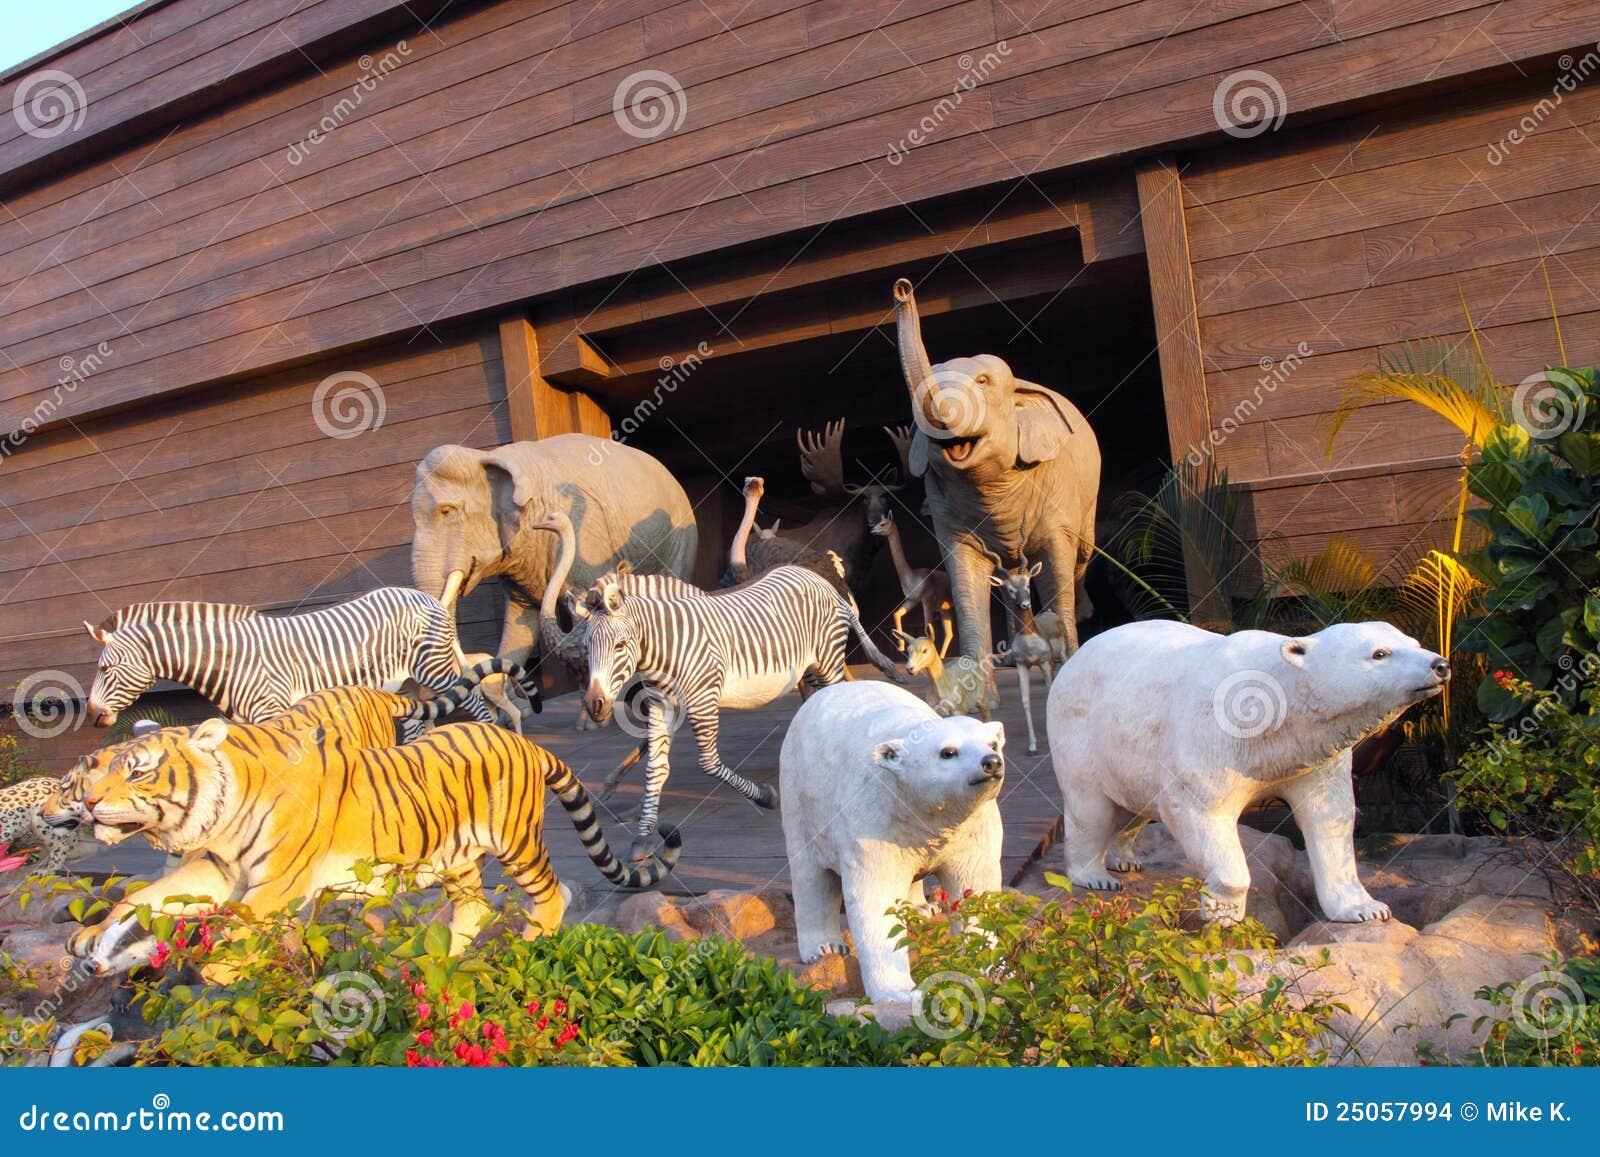 Hong Kong : Noah s Ark